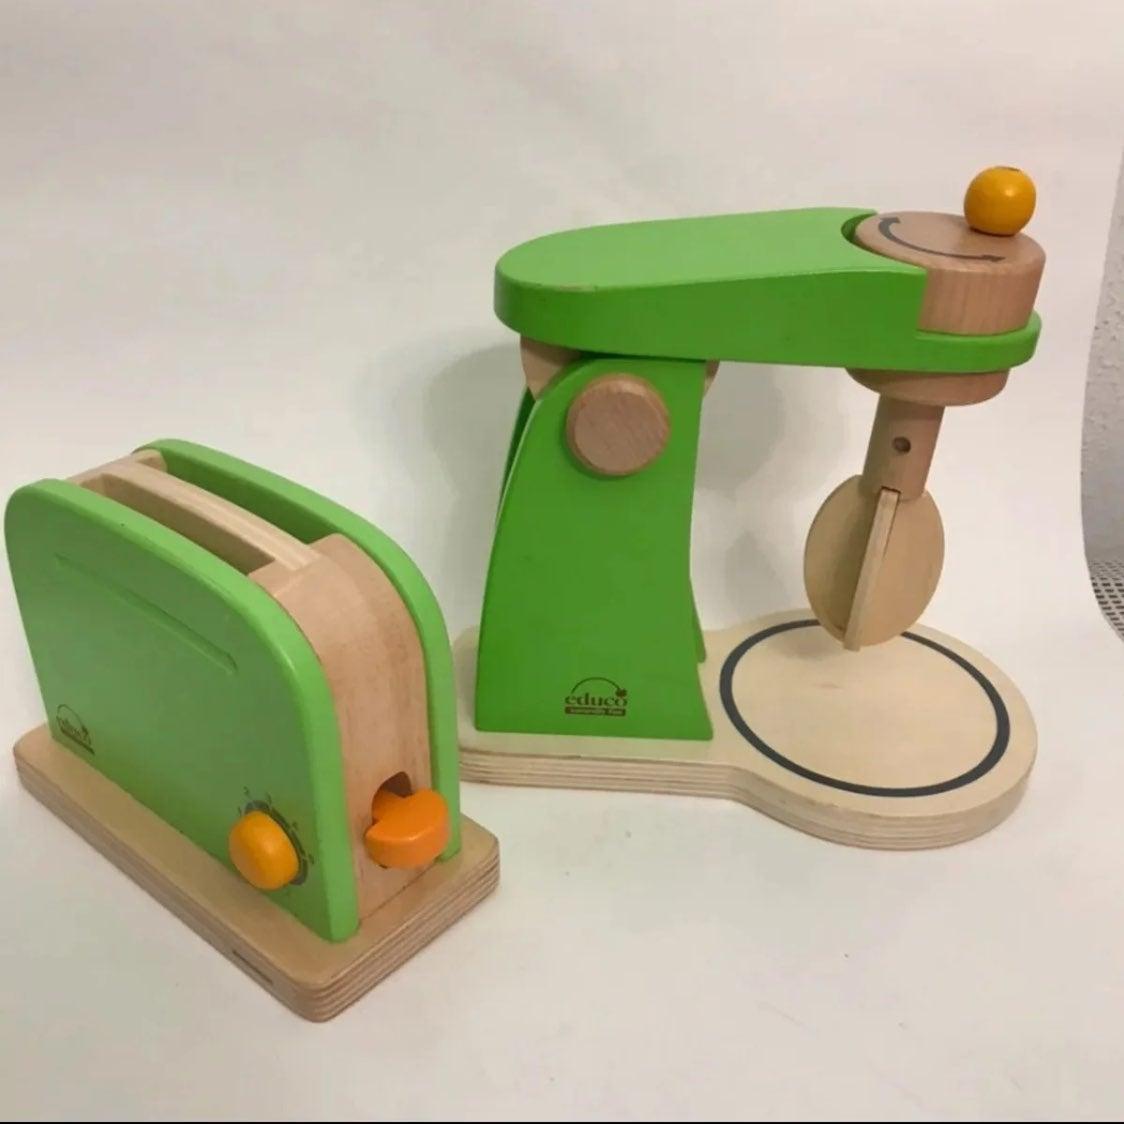 Educo kitchen playset mixer and toaster